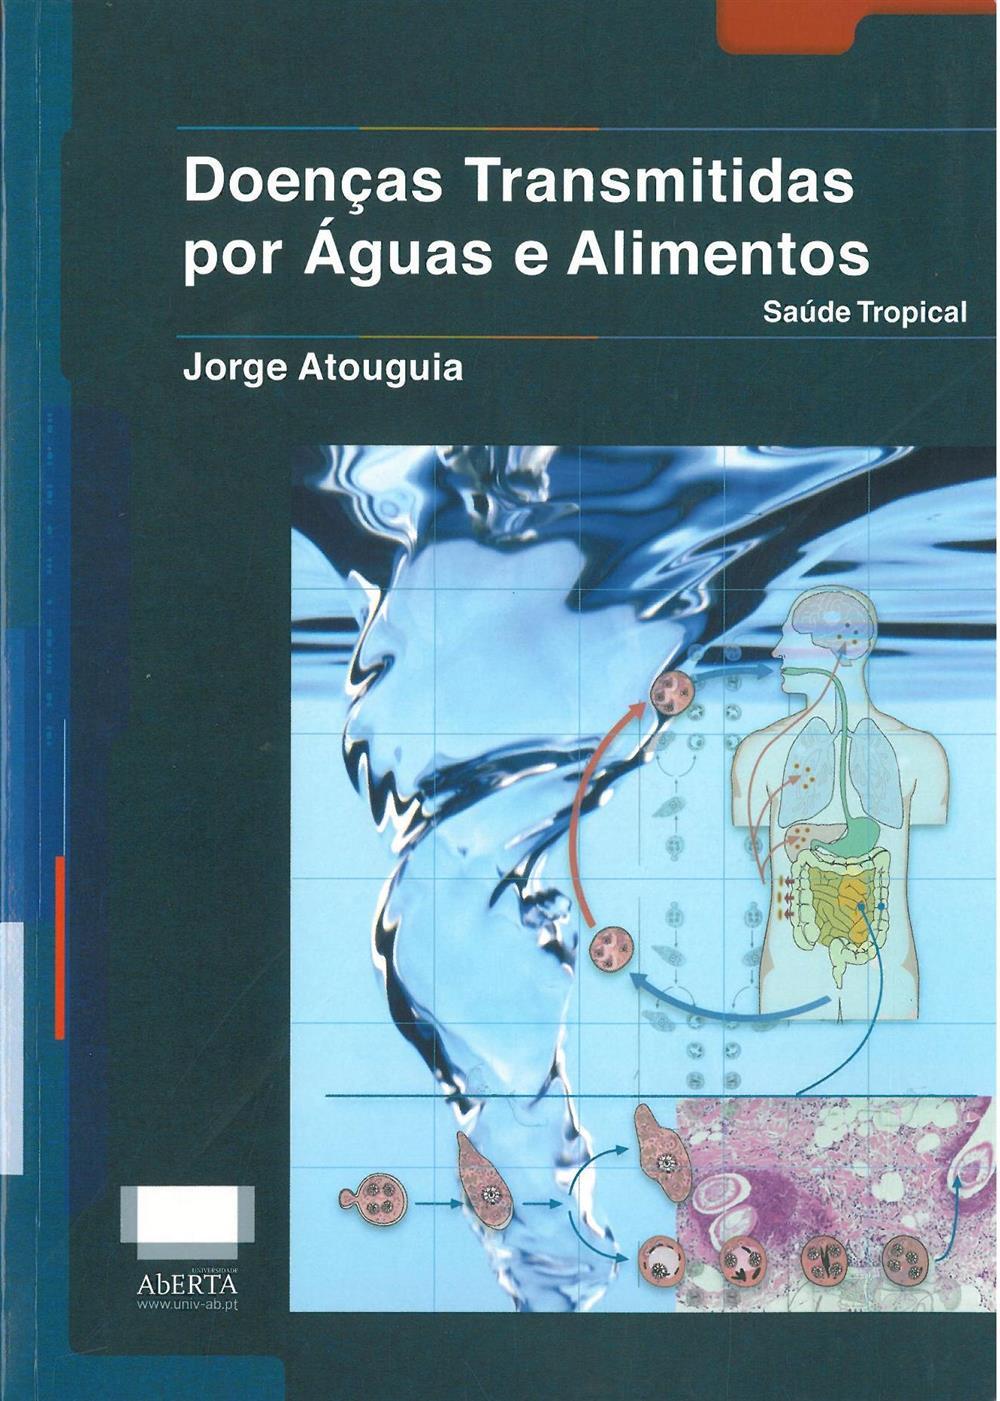 Doenças transmitidas por águas e alimentos_.jpg